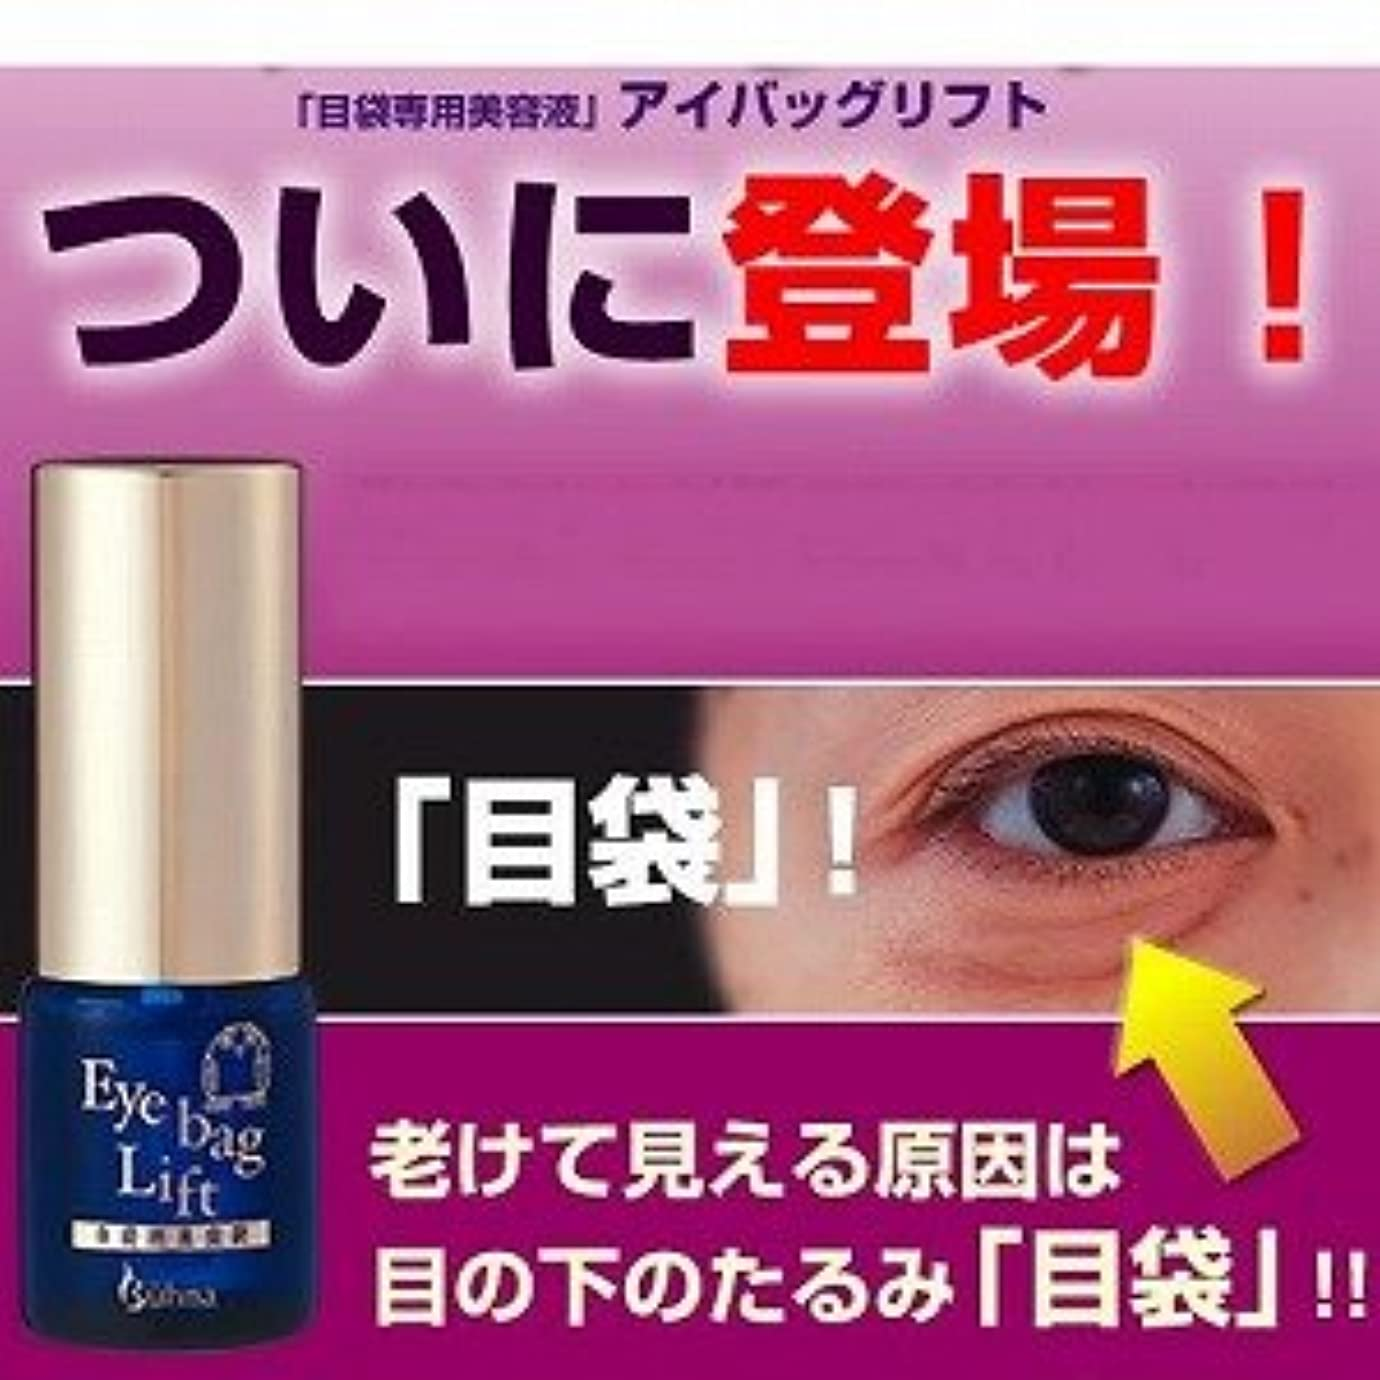 唇泣くライフル老けて見える原因は、目元、目の下のたるみ「目袋」『目袋専用美容液 アイバッグリフト』